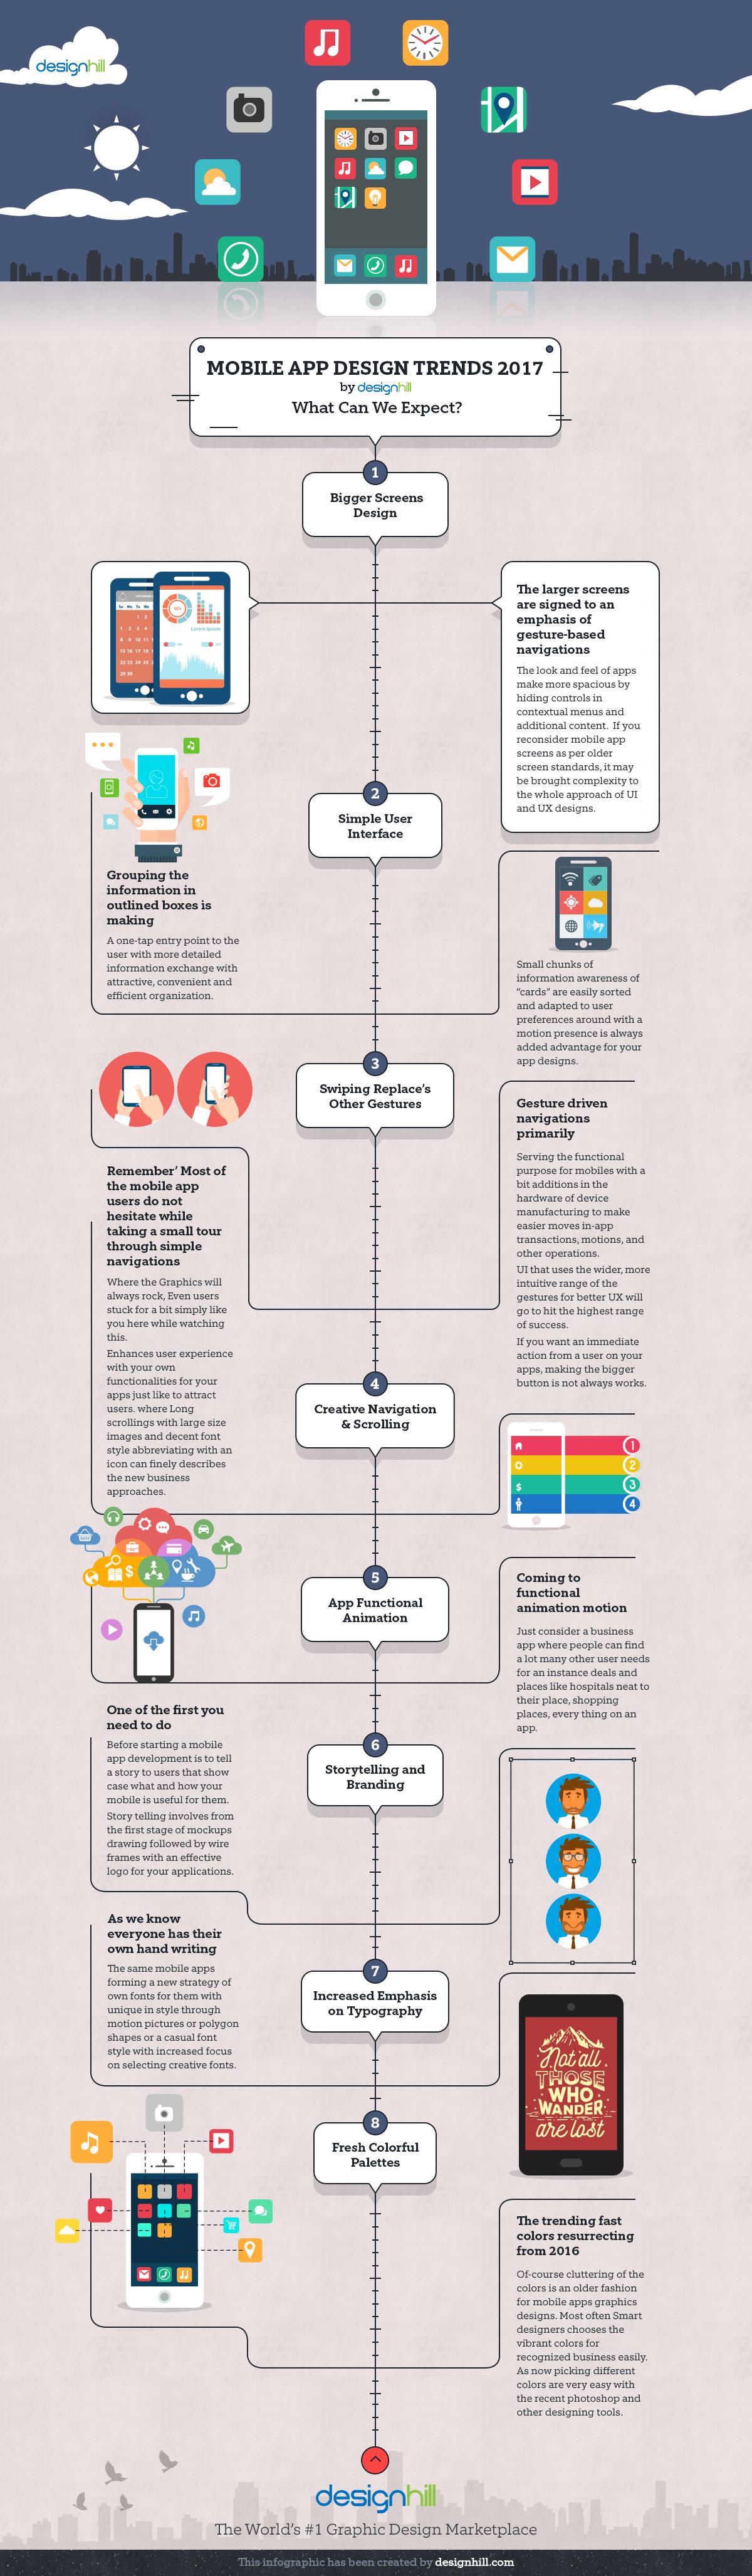 Las 8 tendencias de diseño de apps en 2017